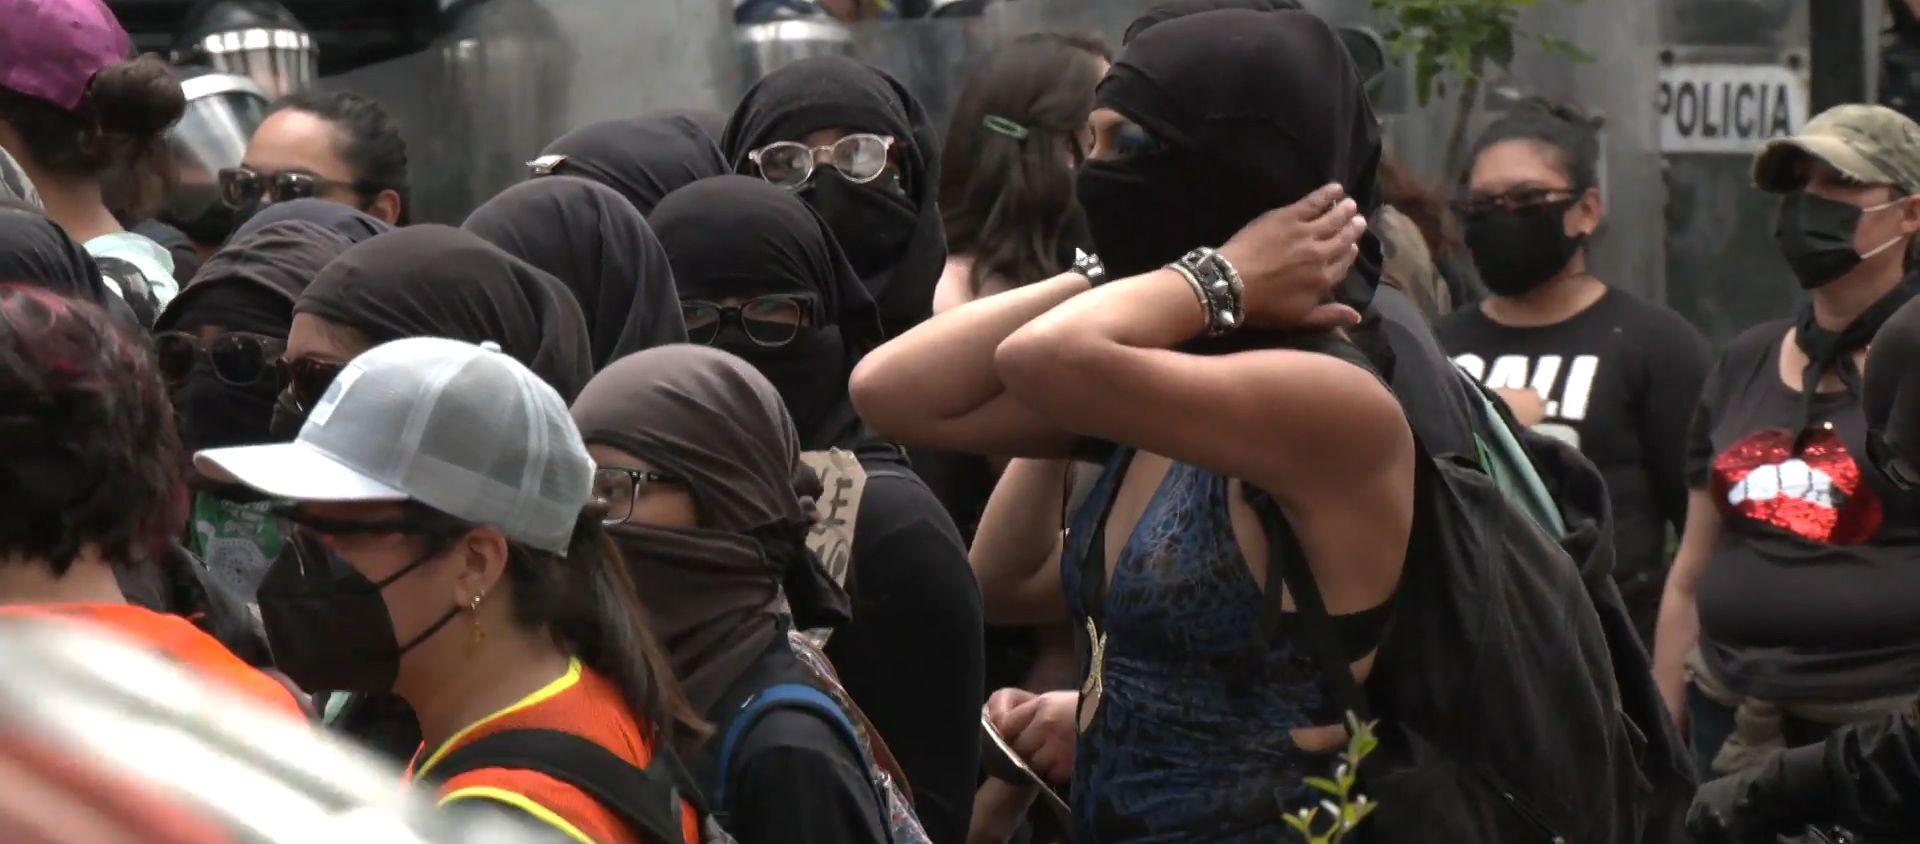 Los manifestantes se enfrentan a la Policía en una marcha contra la violencia de género en México  - Sputnik Mundo, 1920, 18.09.2020